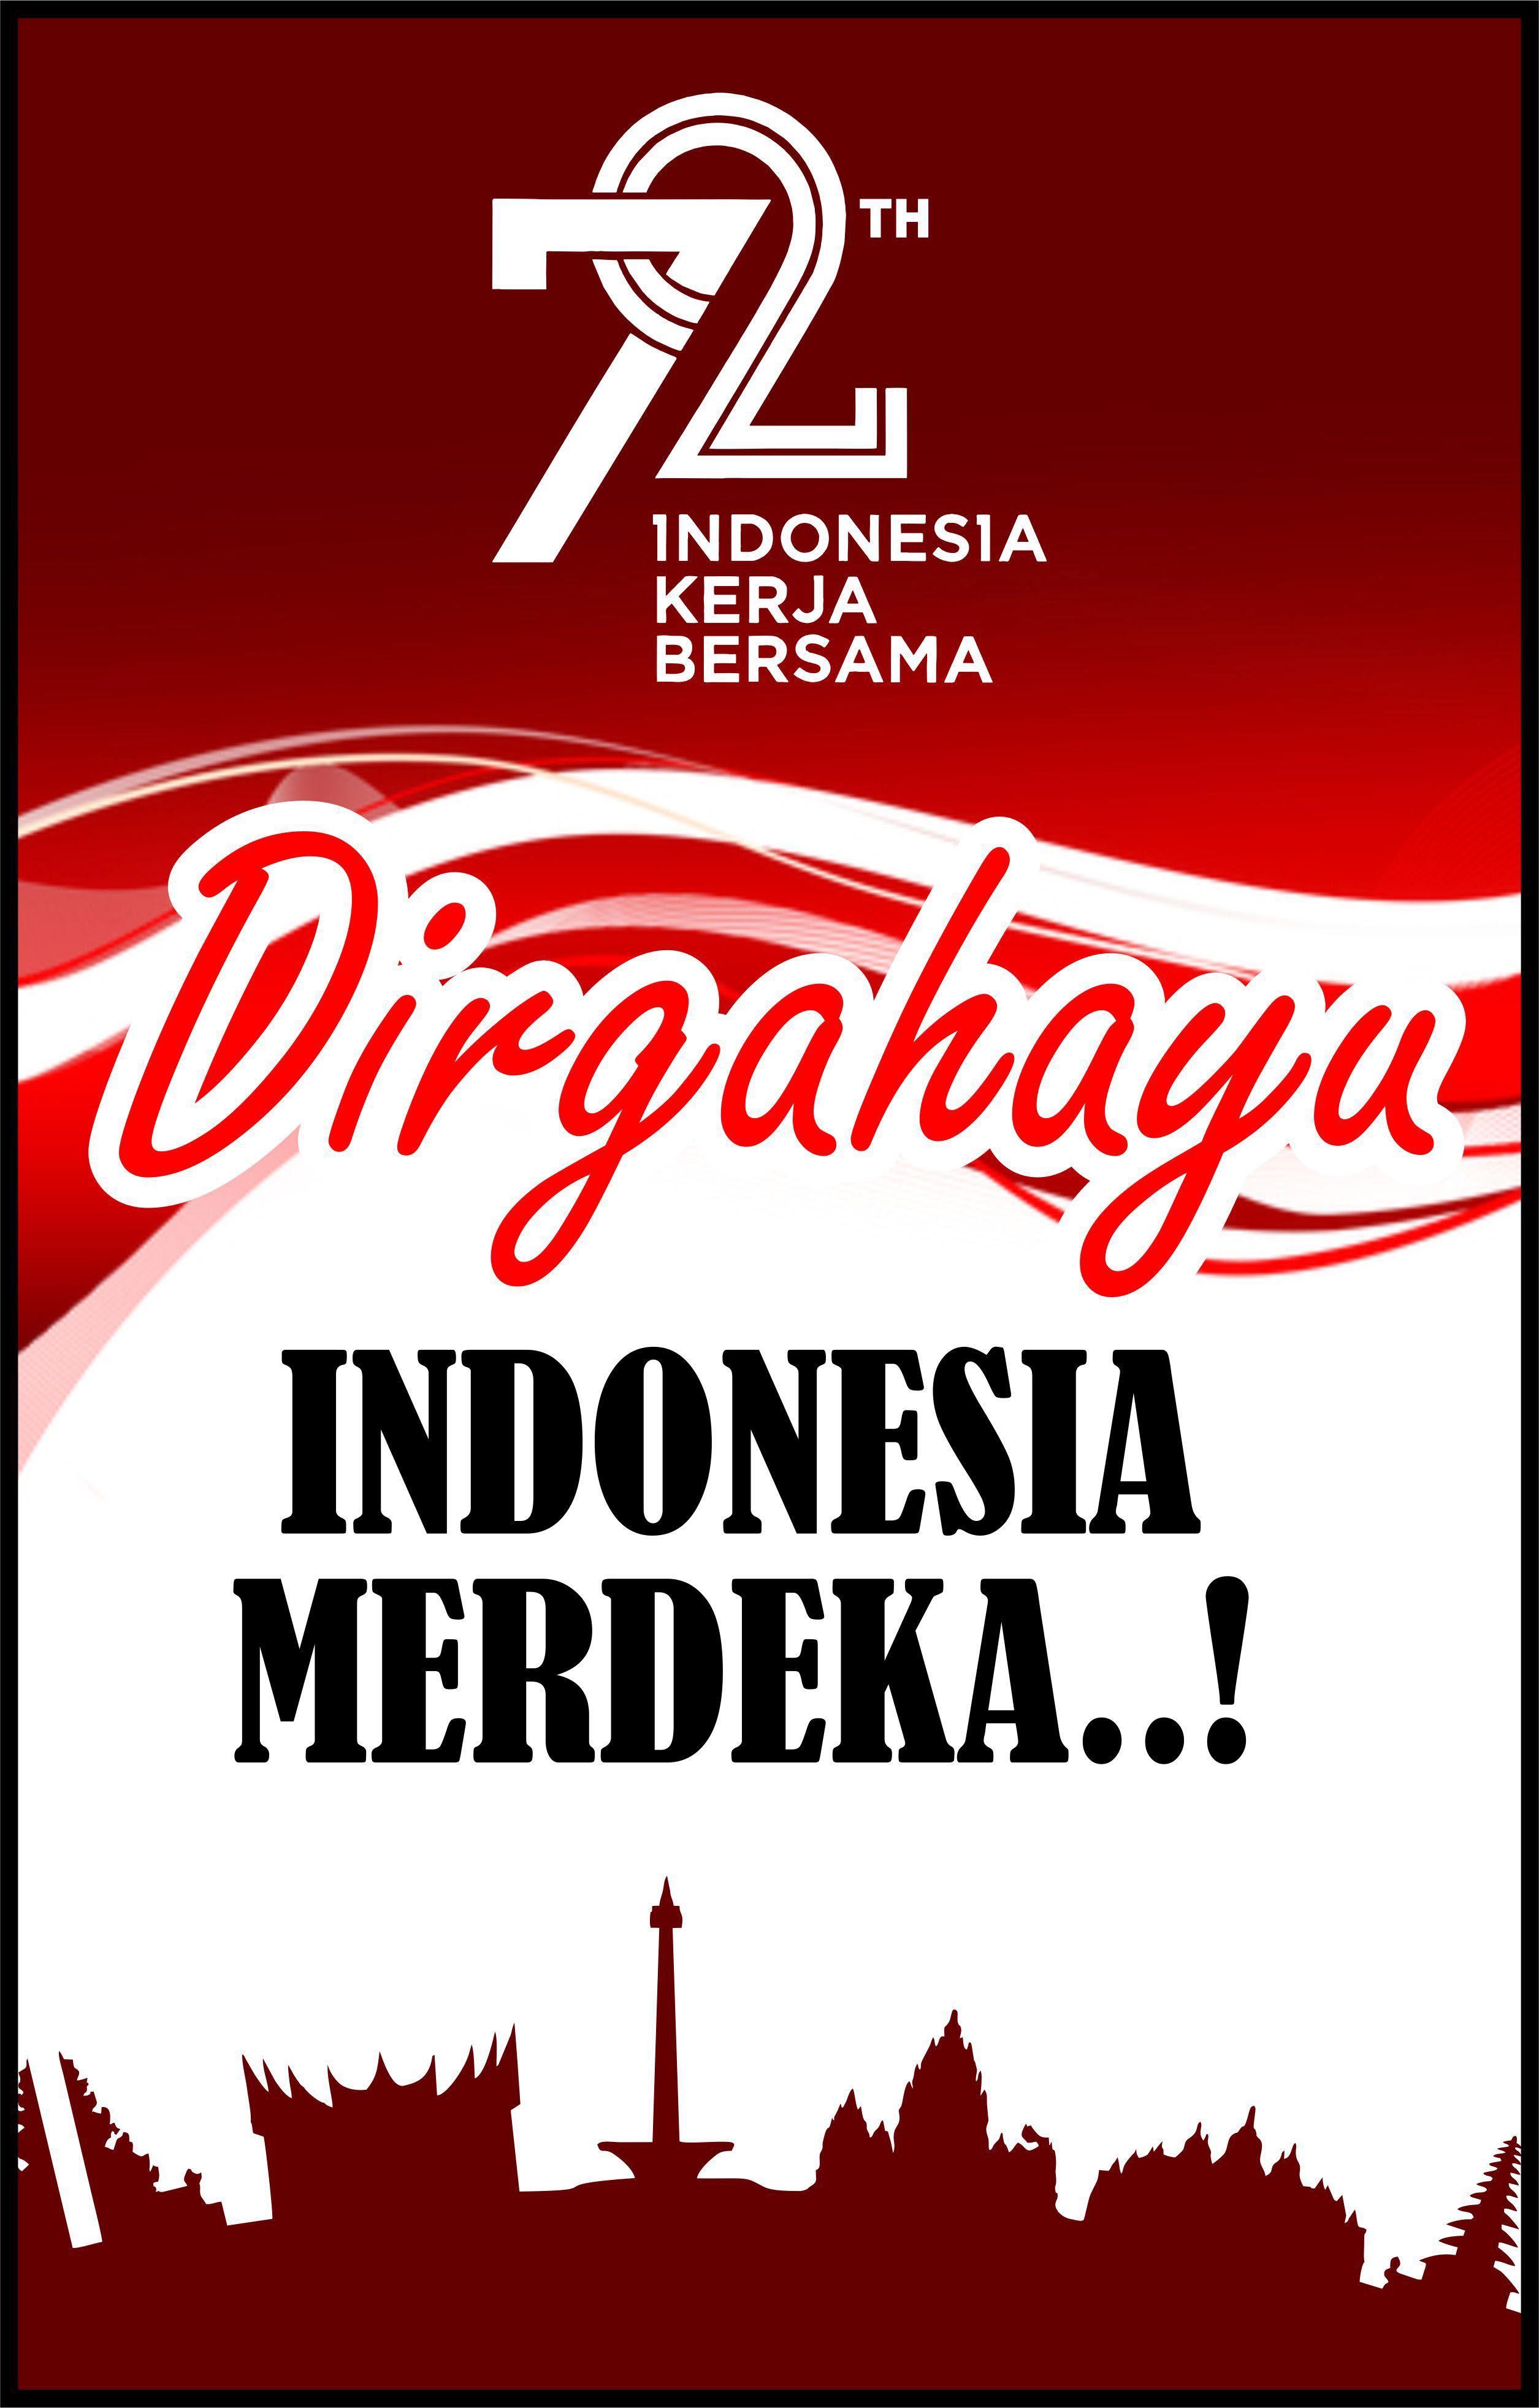 Poster Kemerdekaan Indonesia Ke 74 : poster, kemerdekaan, indonesia, Ucapan, Dirgahayu, Rumah